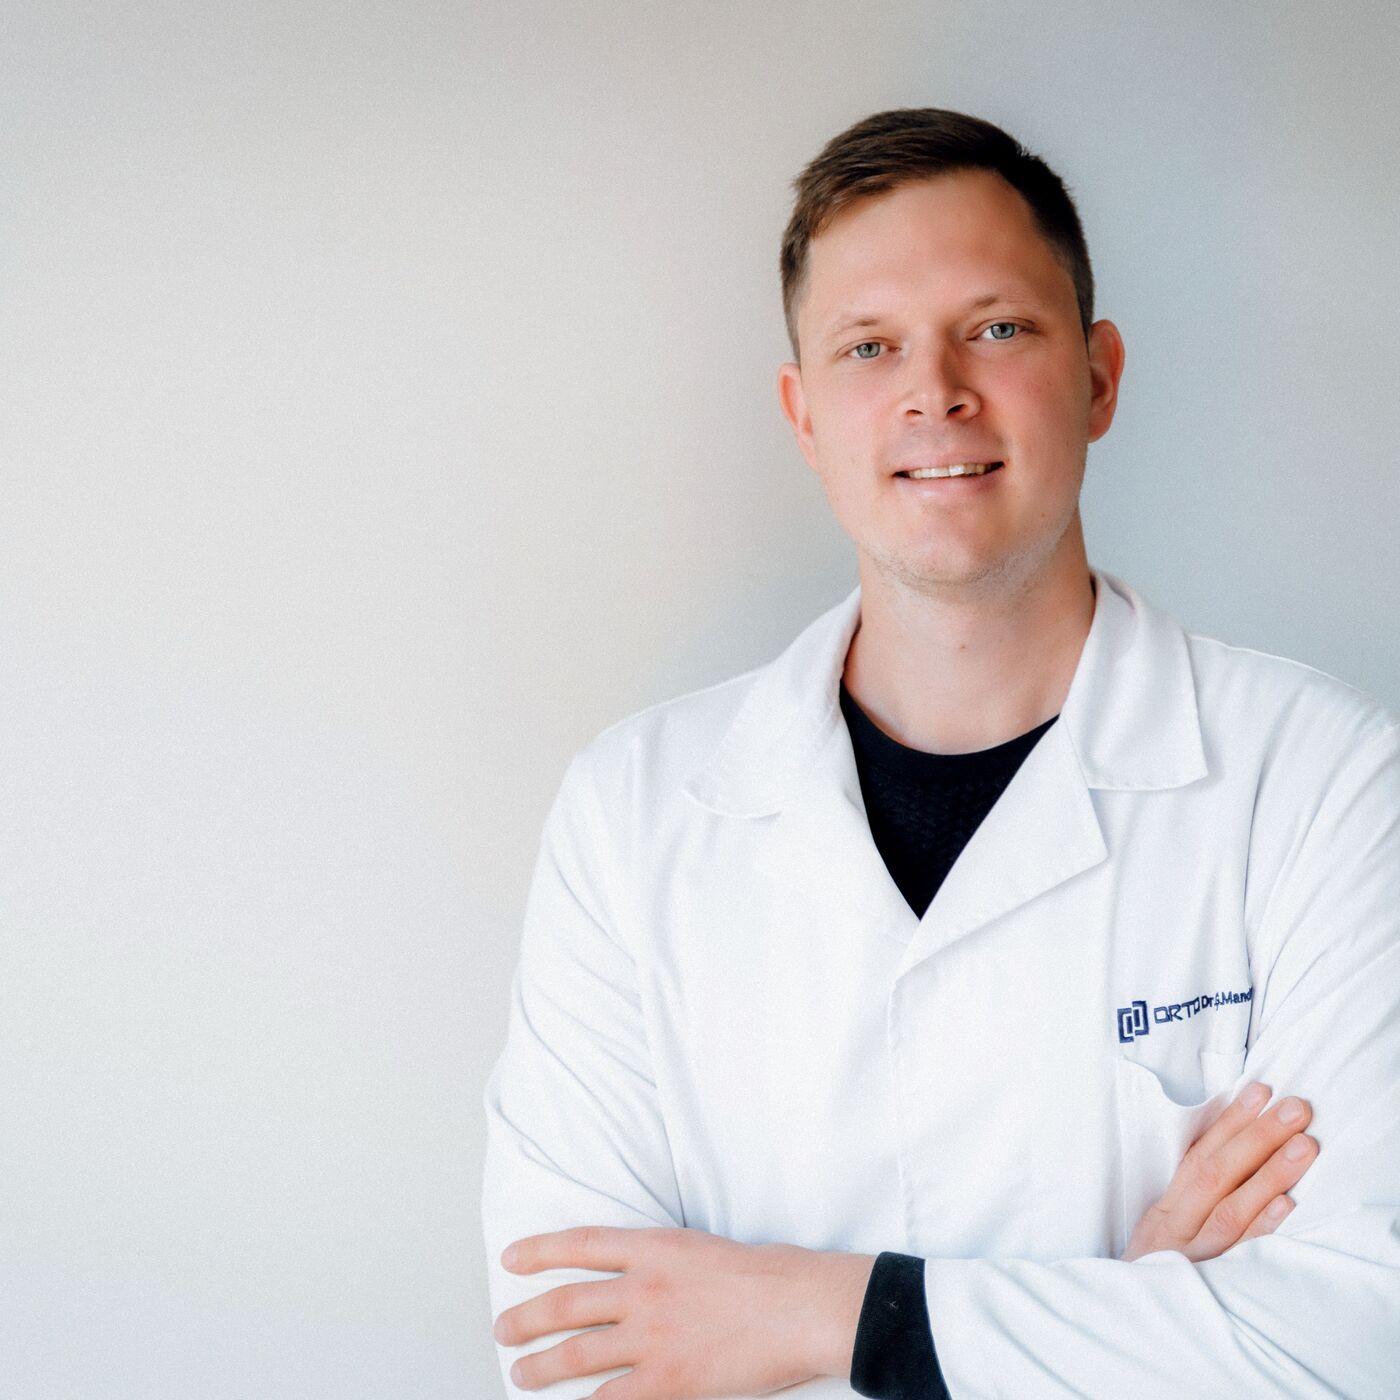 Cīpslu iekaisumi – pacietības pārbaudījums gan pacientam, gan ārstam